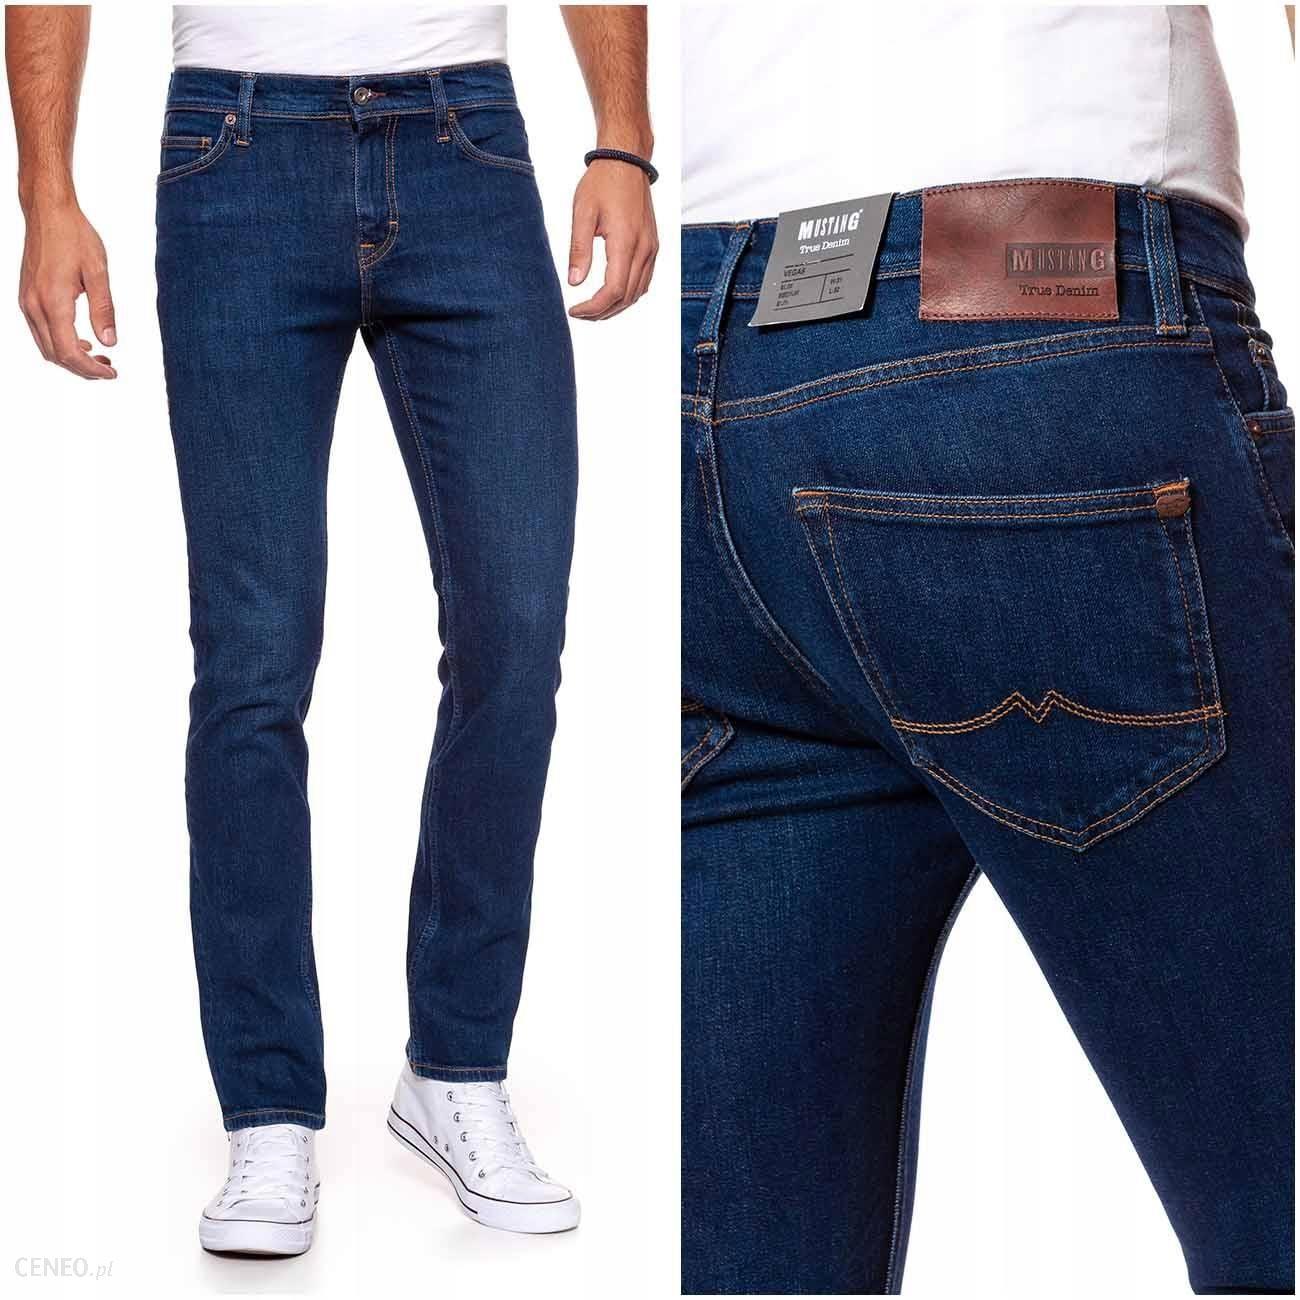 ee66511b6a86ab Mustang Vegas Super Dark Spodnie Jeansowe W36 L30 - Ceny i opinie ...